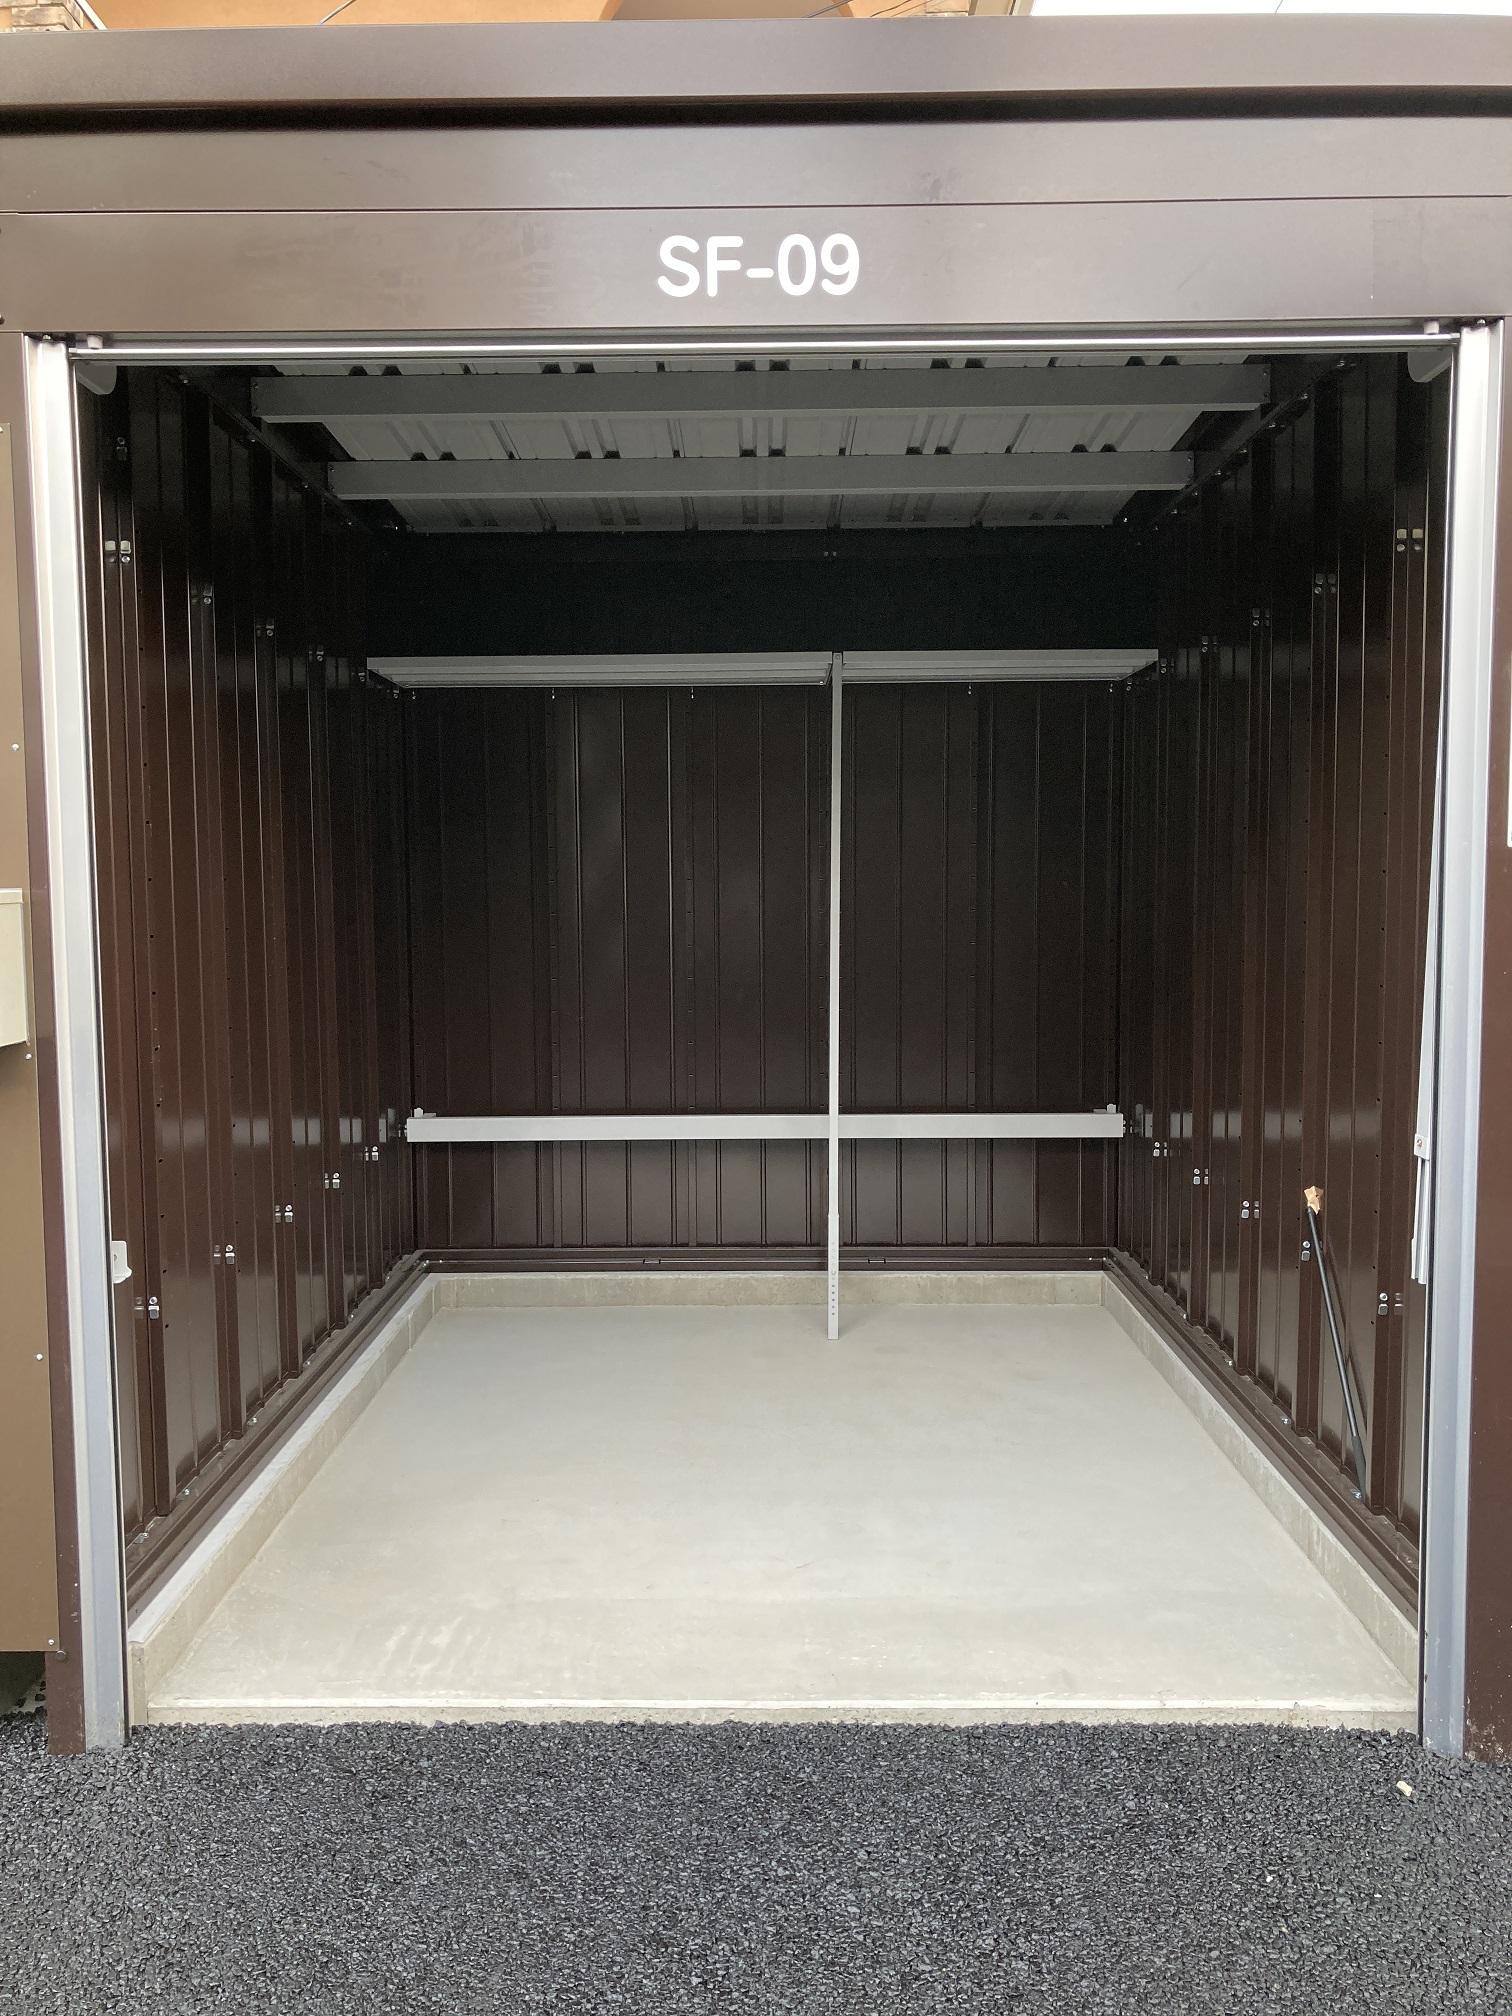 【8月31日オープン】川越南台店 SF